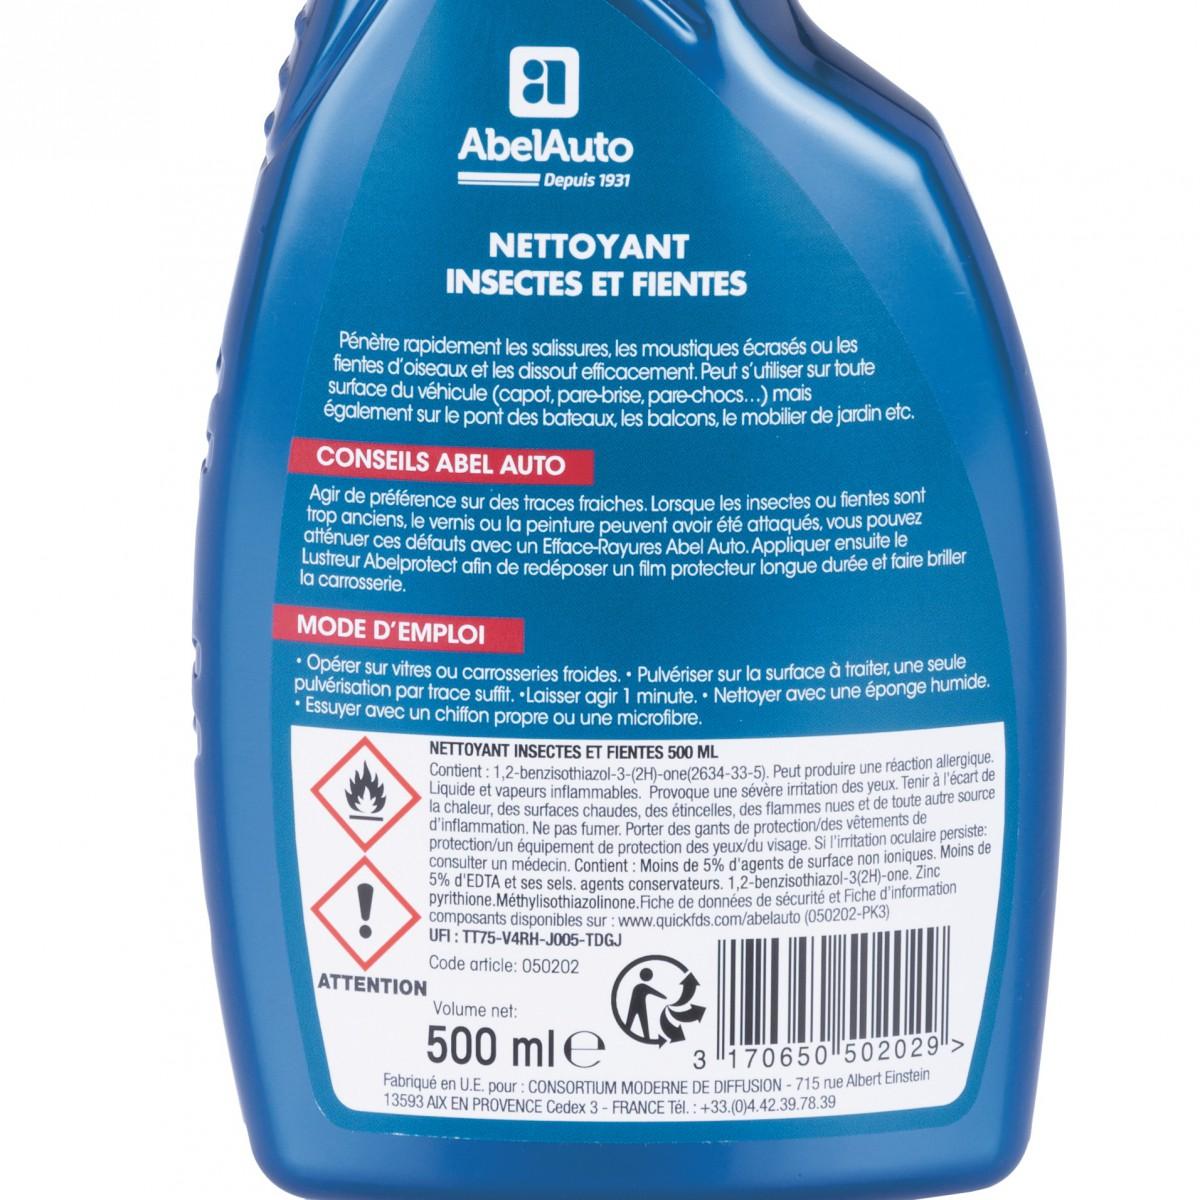 Nettoyant-demoustiqueur vitres Abel Auto - Pulvérisateur 500 ml